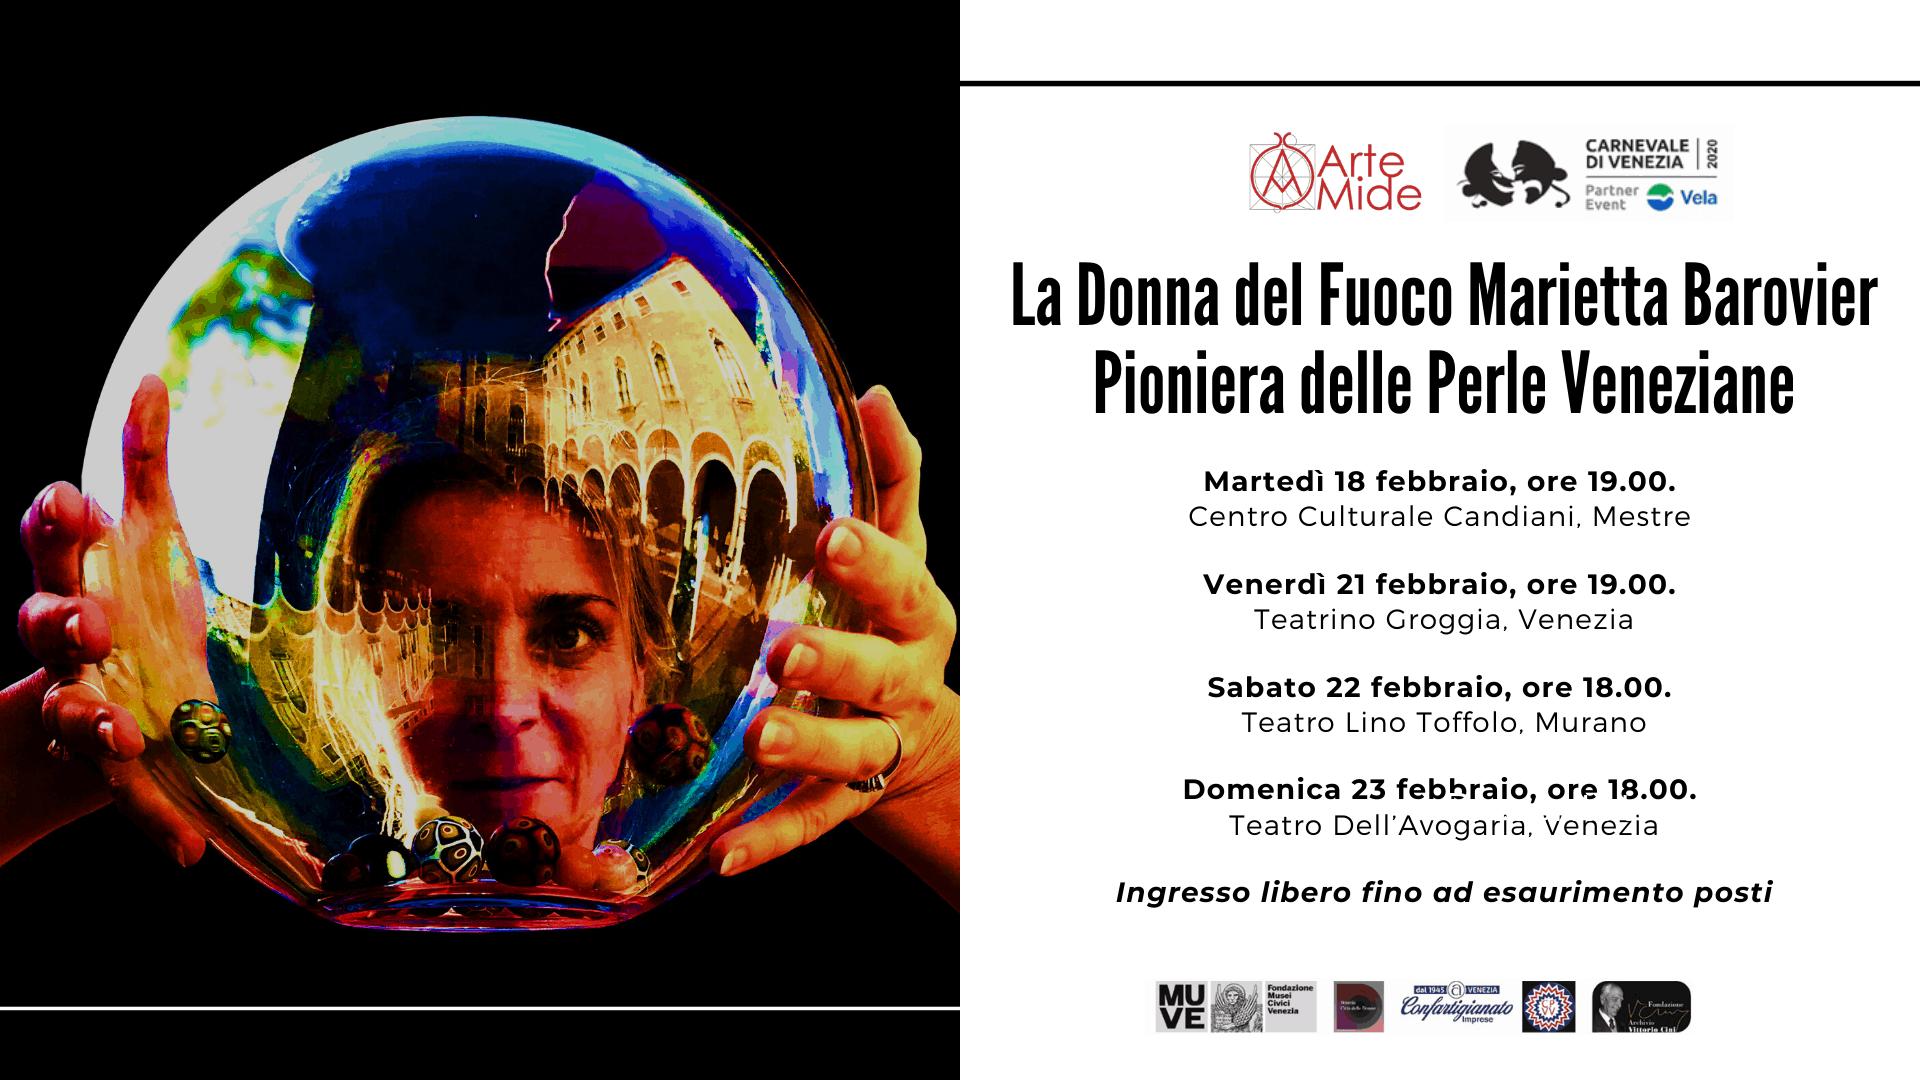 La Donna del Fuoco Marietta Barovier Pioniera delle Perle Veneziane